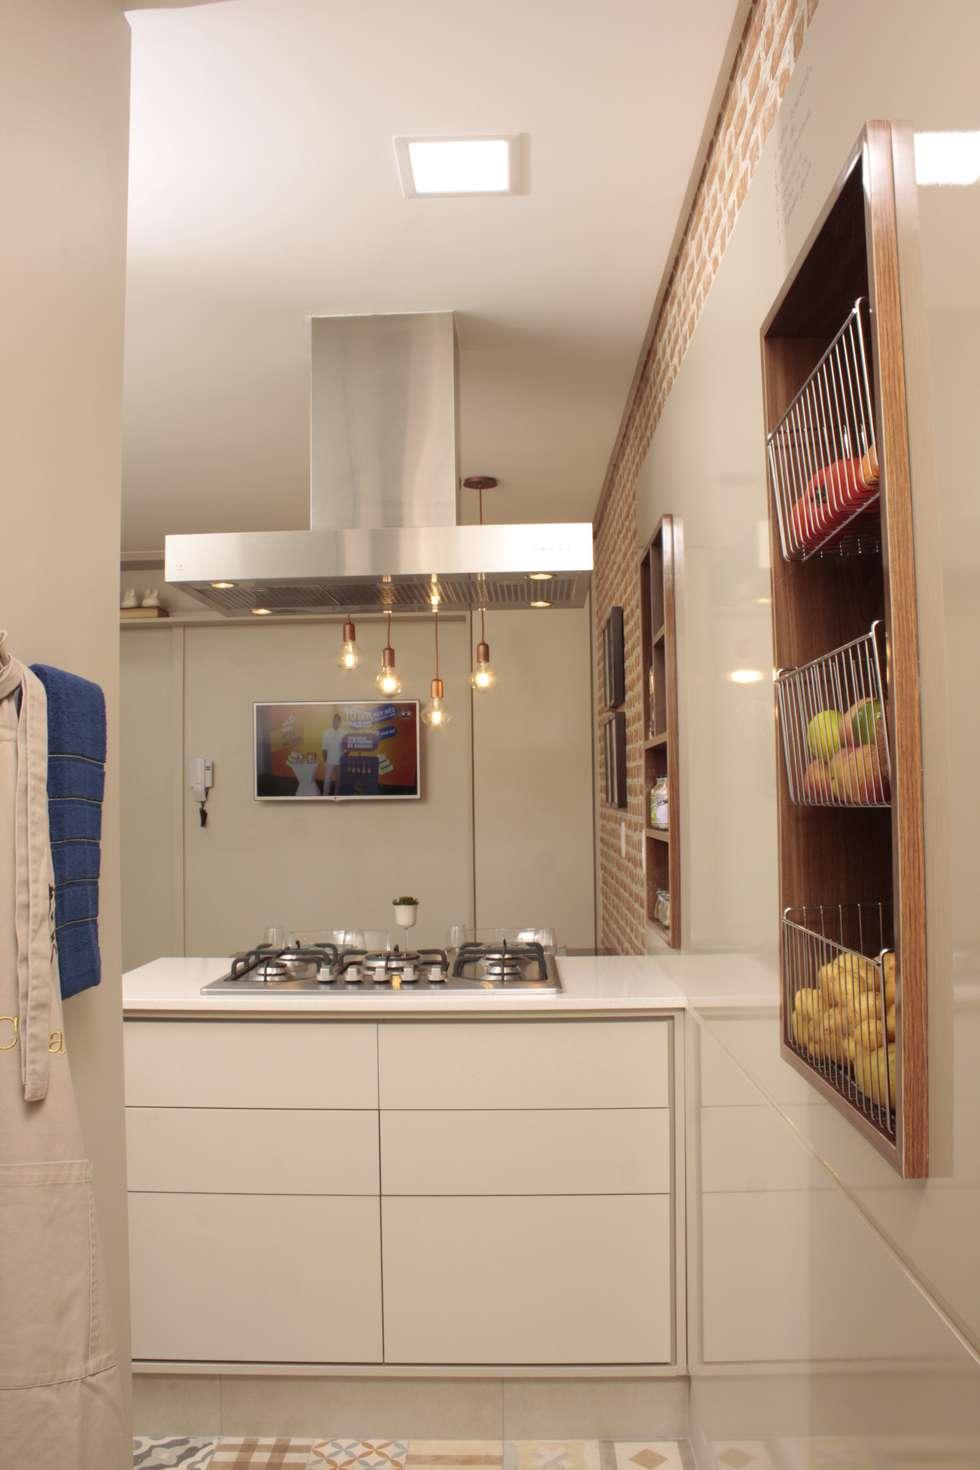 Entzückend Küche Mediterran Referenz Von Mediterrane Küche Von Fernanda Moreira - Design